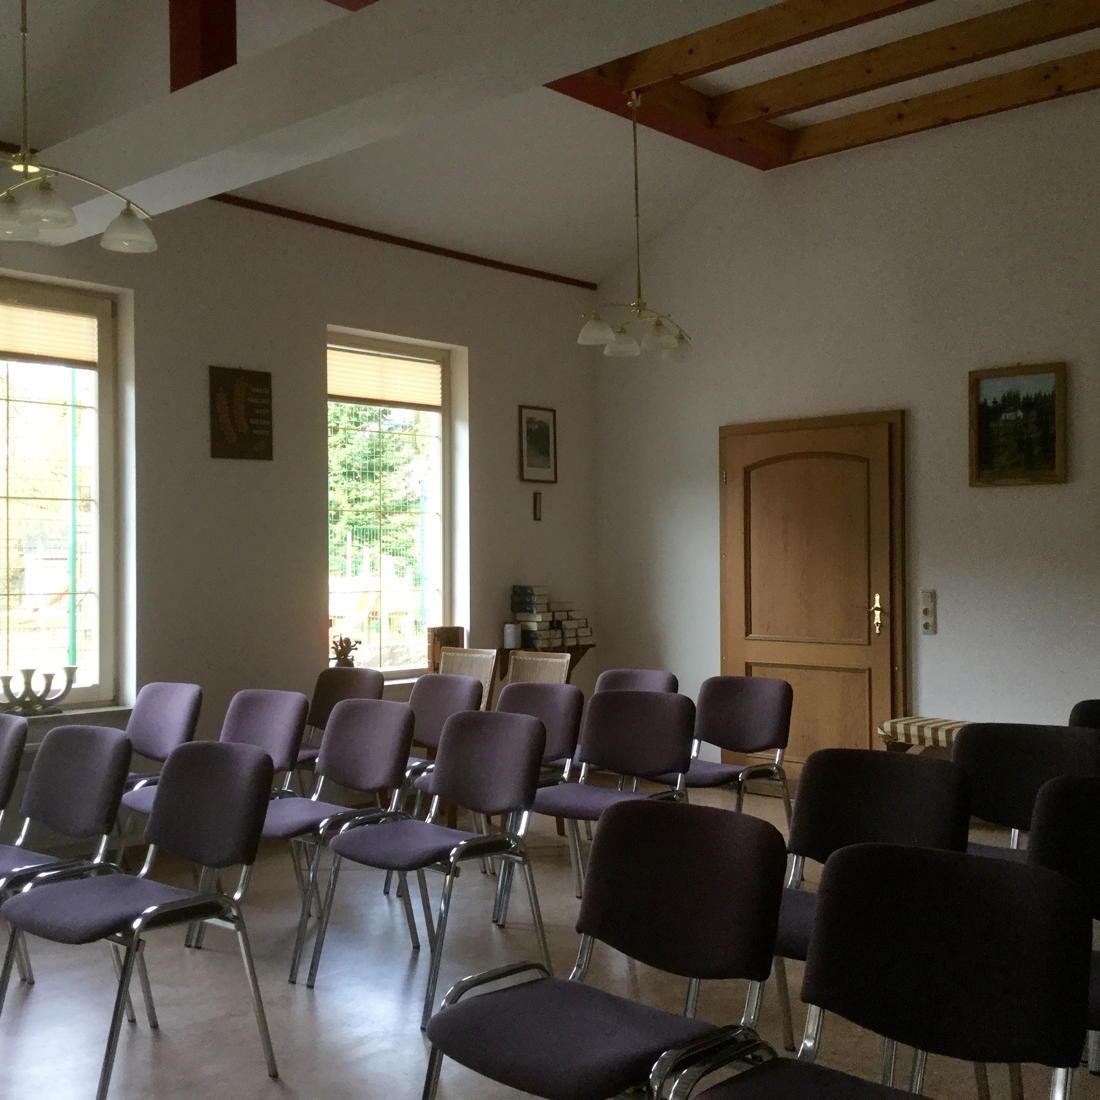 Gemeindesaal Lichte innen